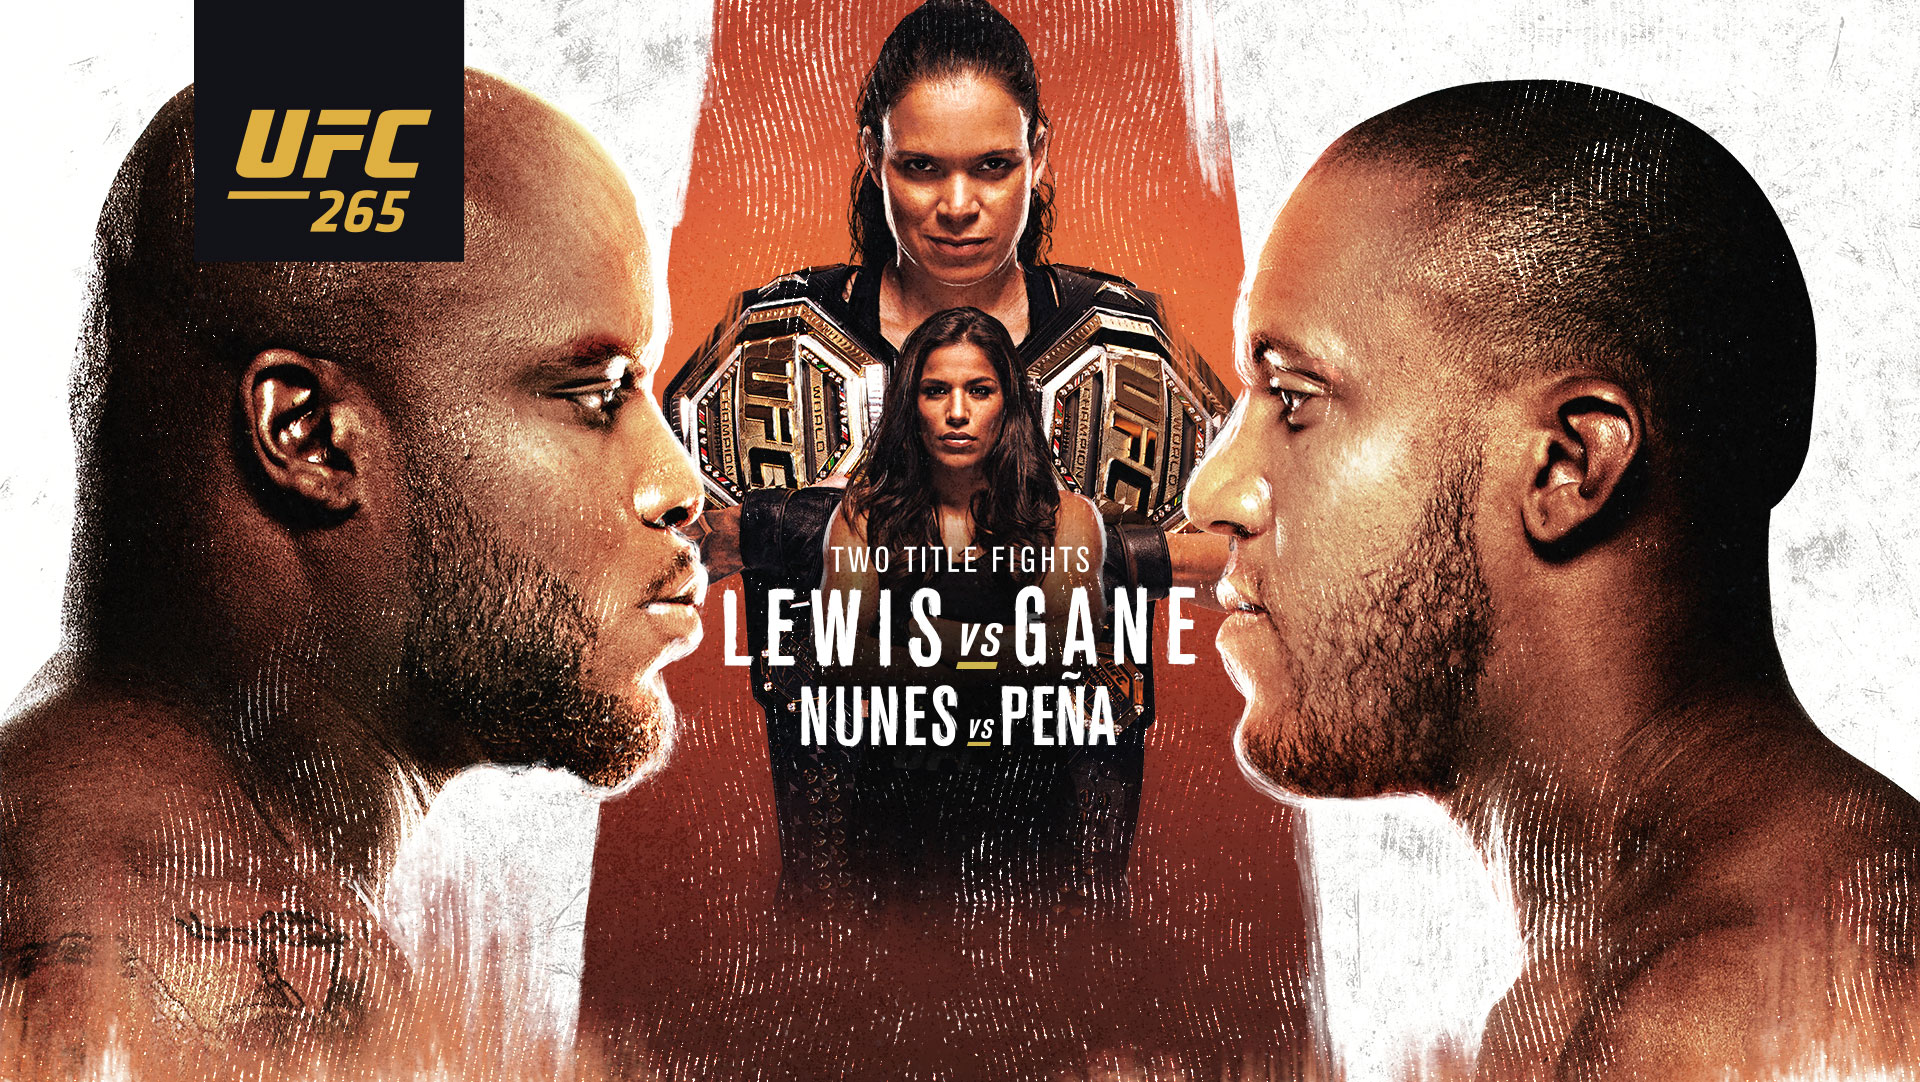 LEWIS VS GANE, UFC 265